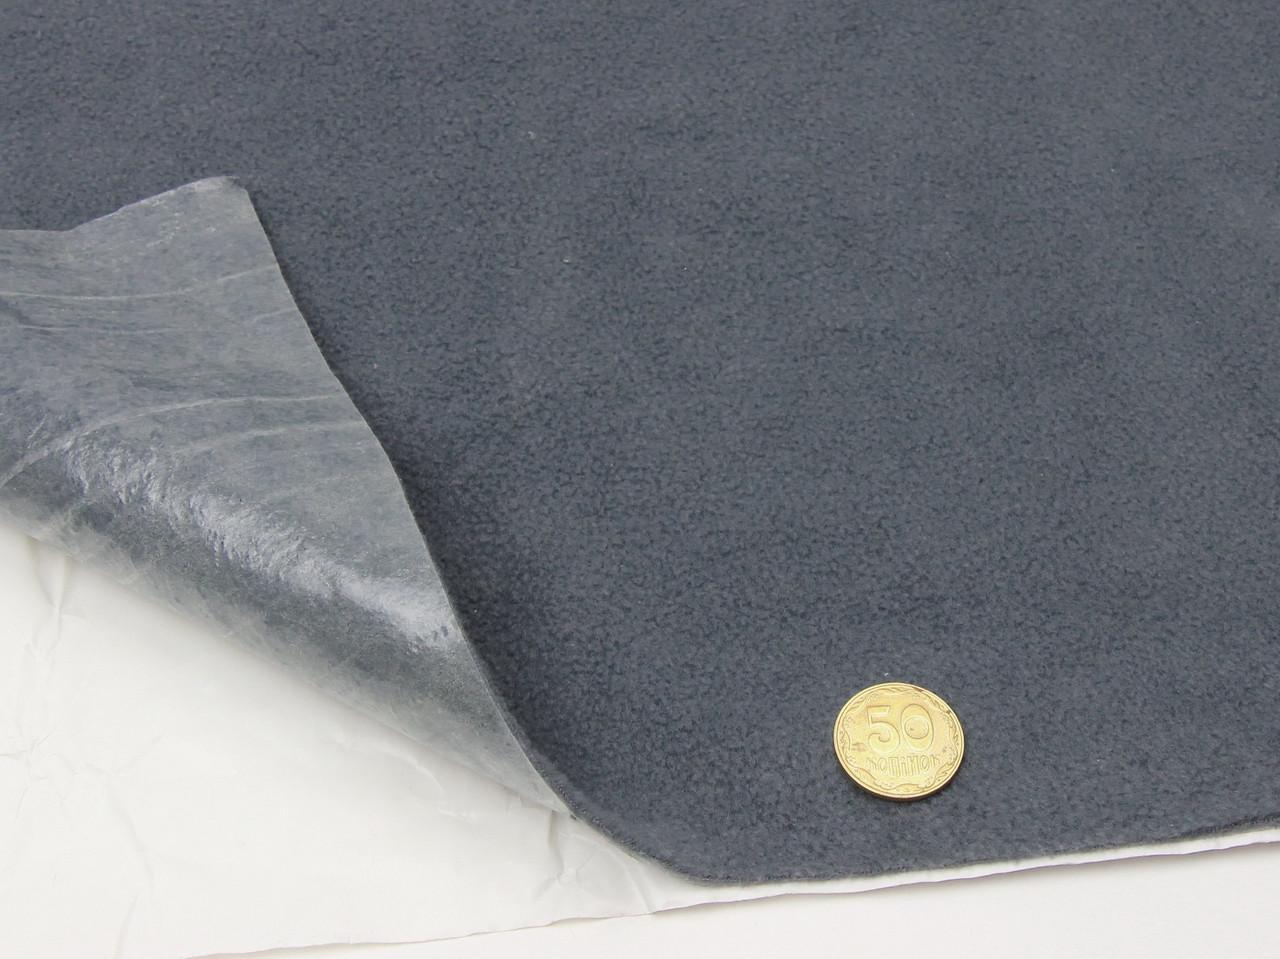 Карпет велюровий сірий холодний відтінок для авто самоклейка, (лист 49х100см) товщина 2.5 мм, площа аркуша 1.48м2